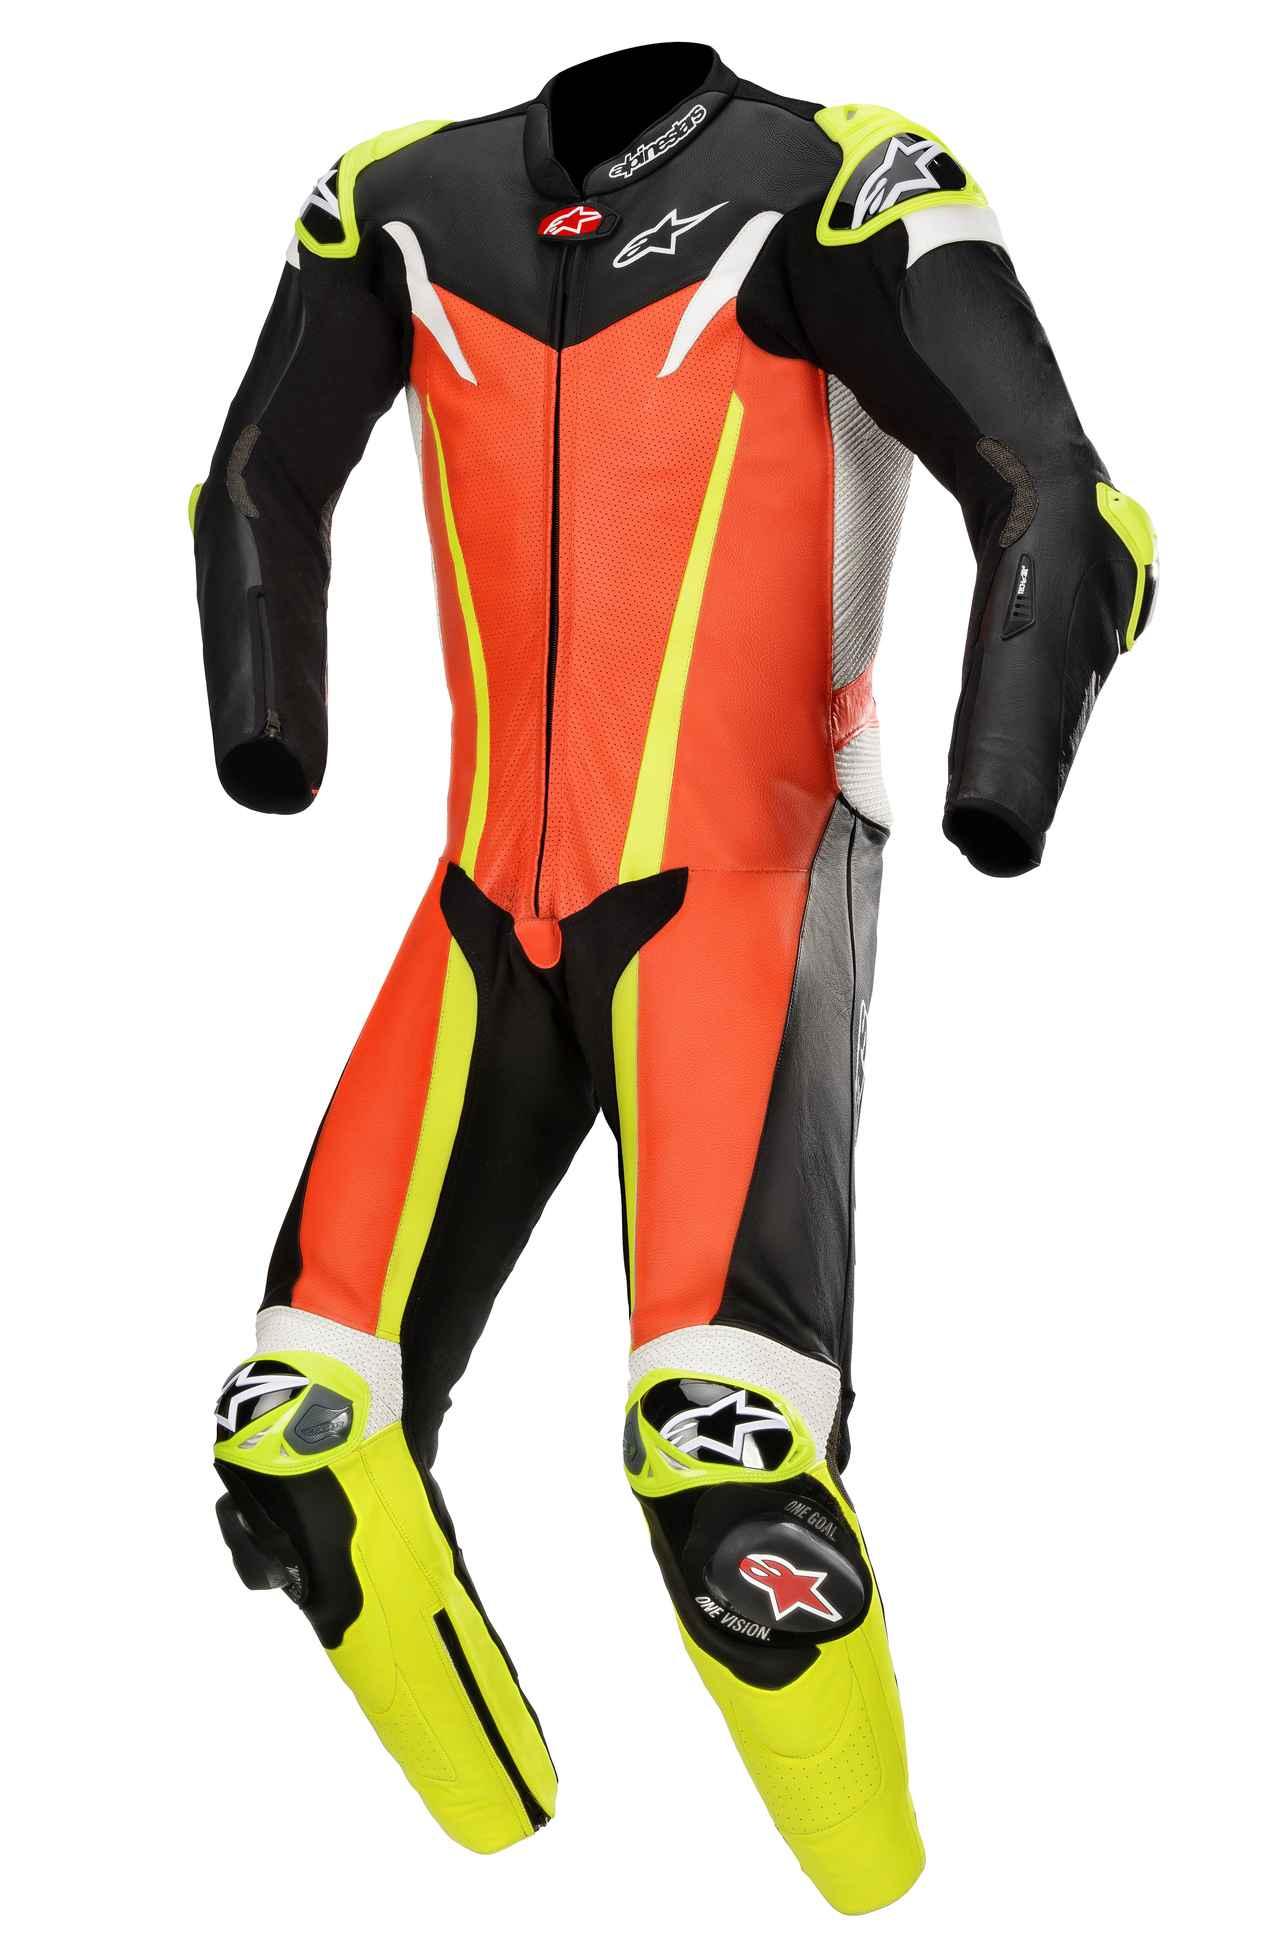 画像3: アルパインスターズから〈TECH-AIR〉エアバッグ対応ハイエンドレーシングレザースーツが新登場